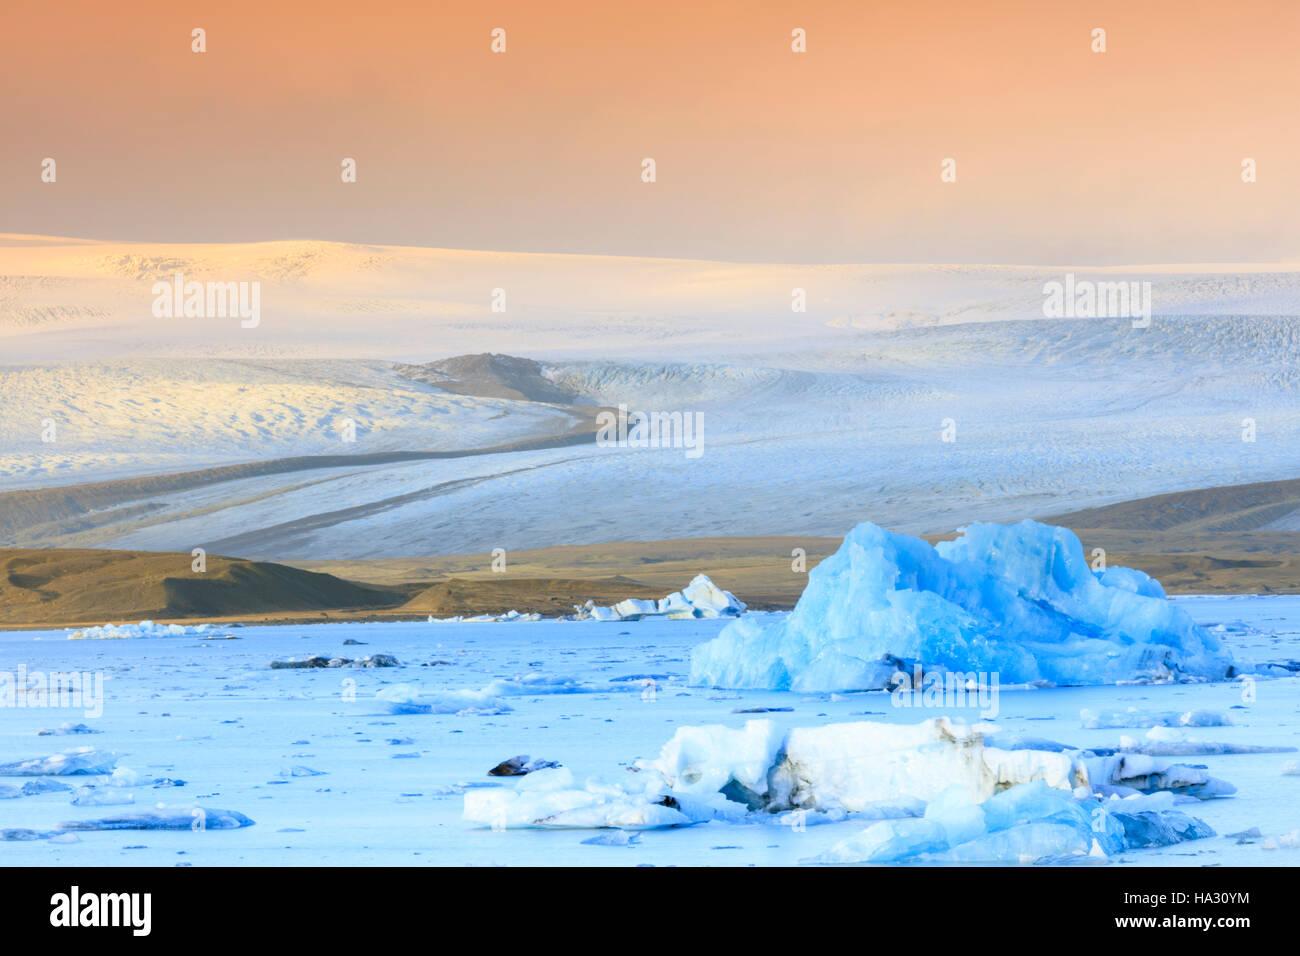 - La Laguna glaciar Jokulsarlon témpanos flotantes y el glaciar fluye fuera de la capa de hielo Imagen De Stock